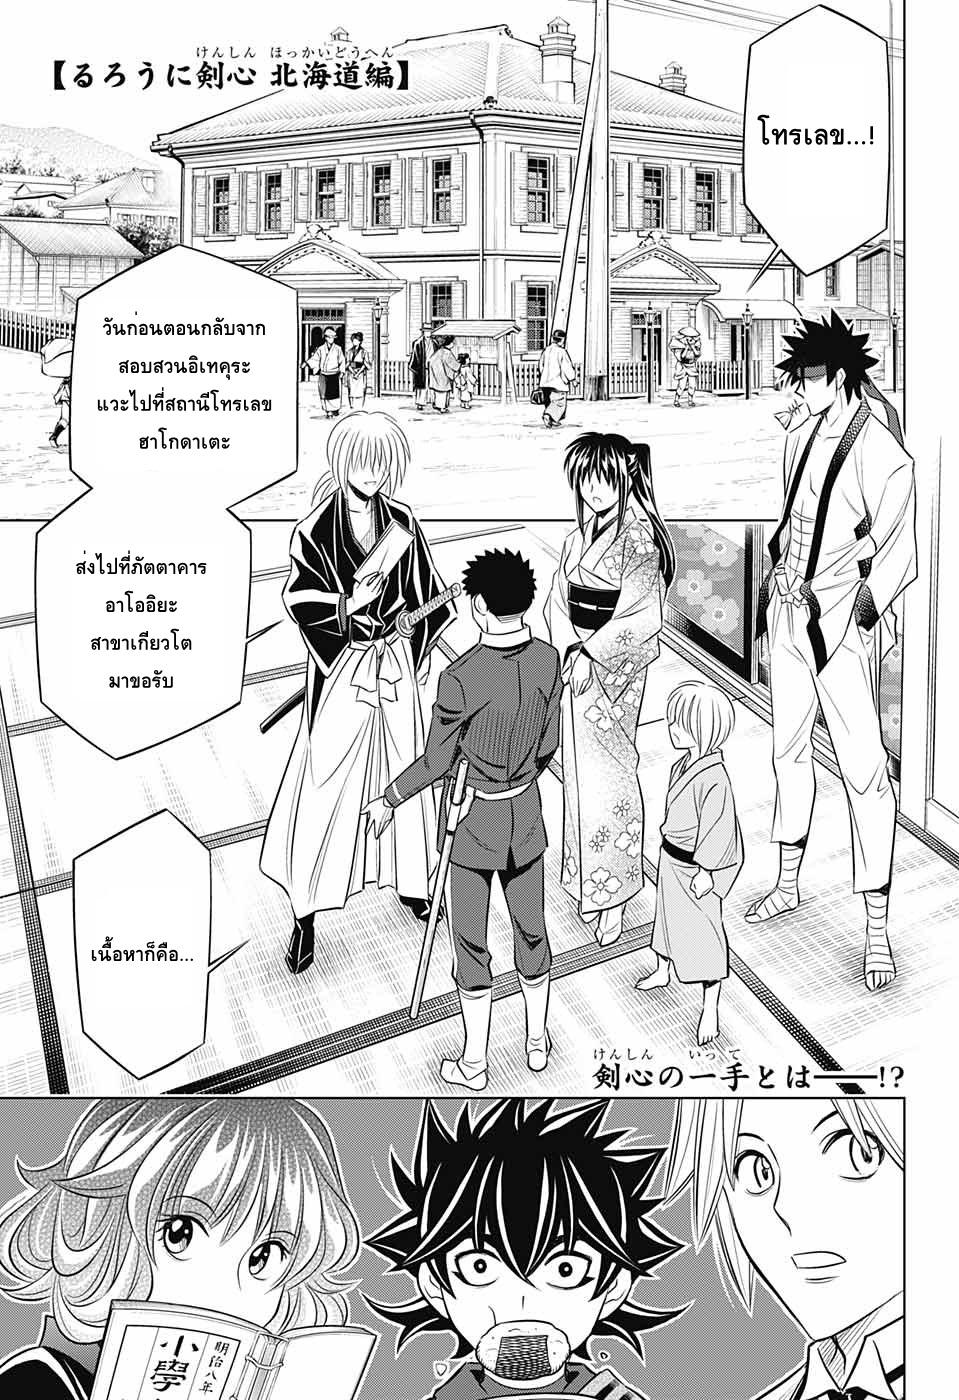 อ่านการ์ตูน Rurouni Kenshin: Hokkaido Arc ตอนที่ 13 หน้าที่ 1